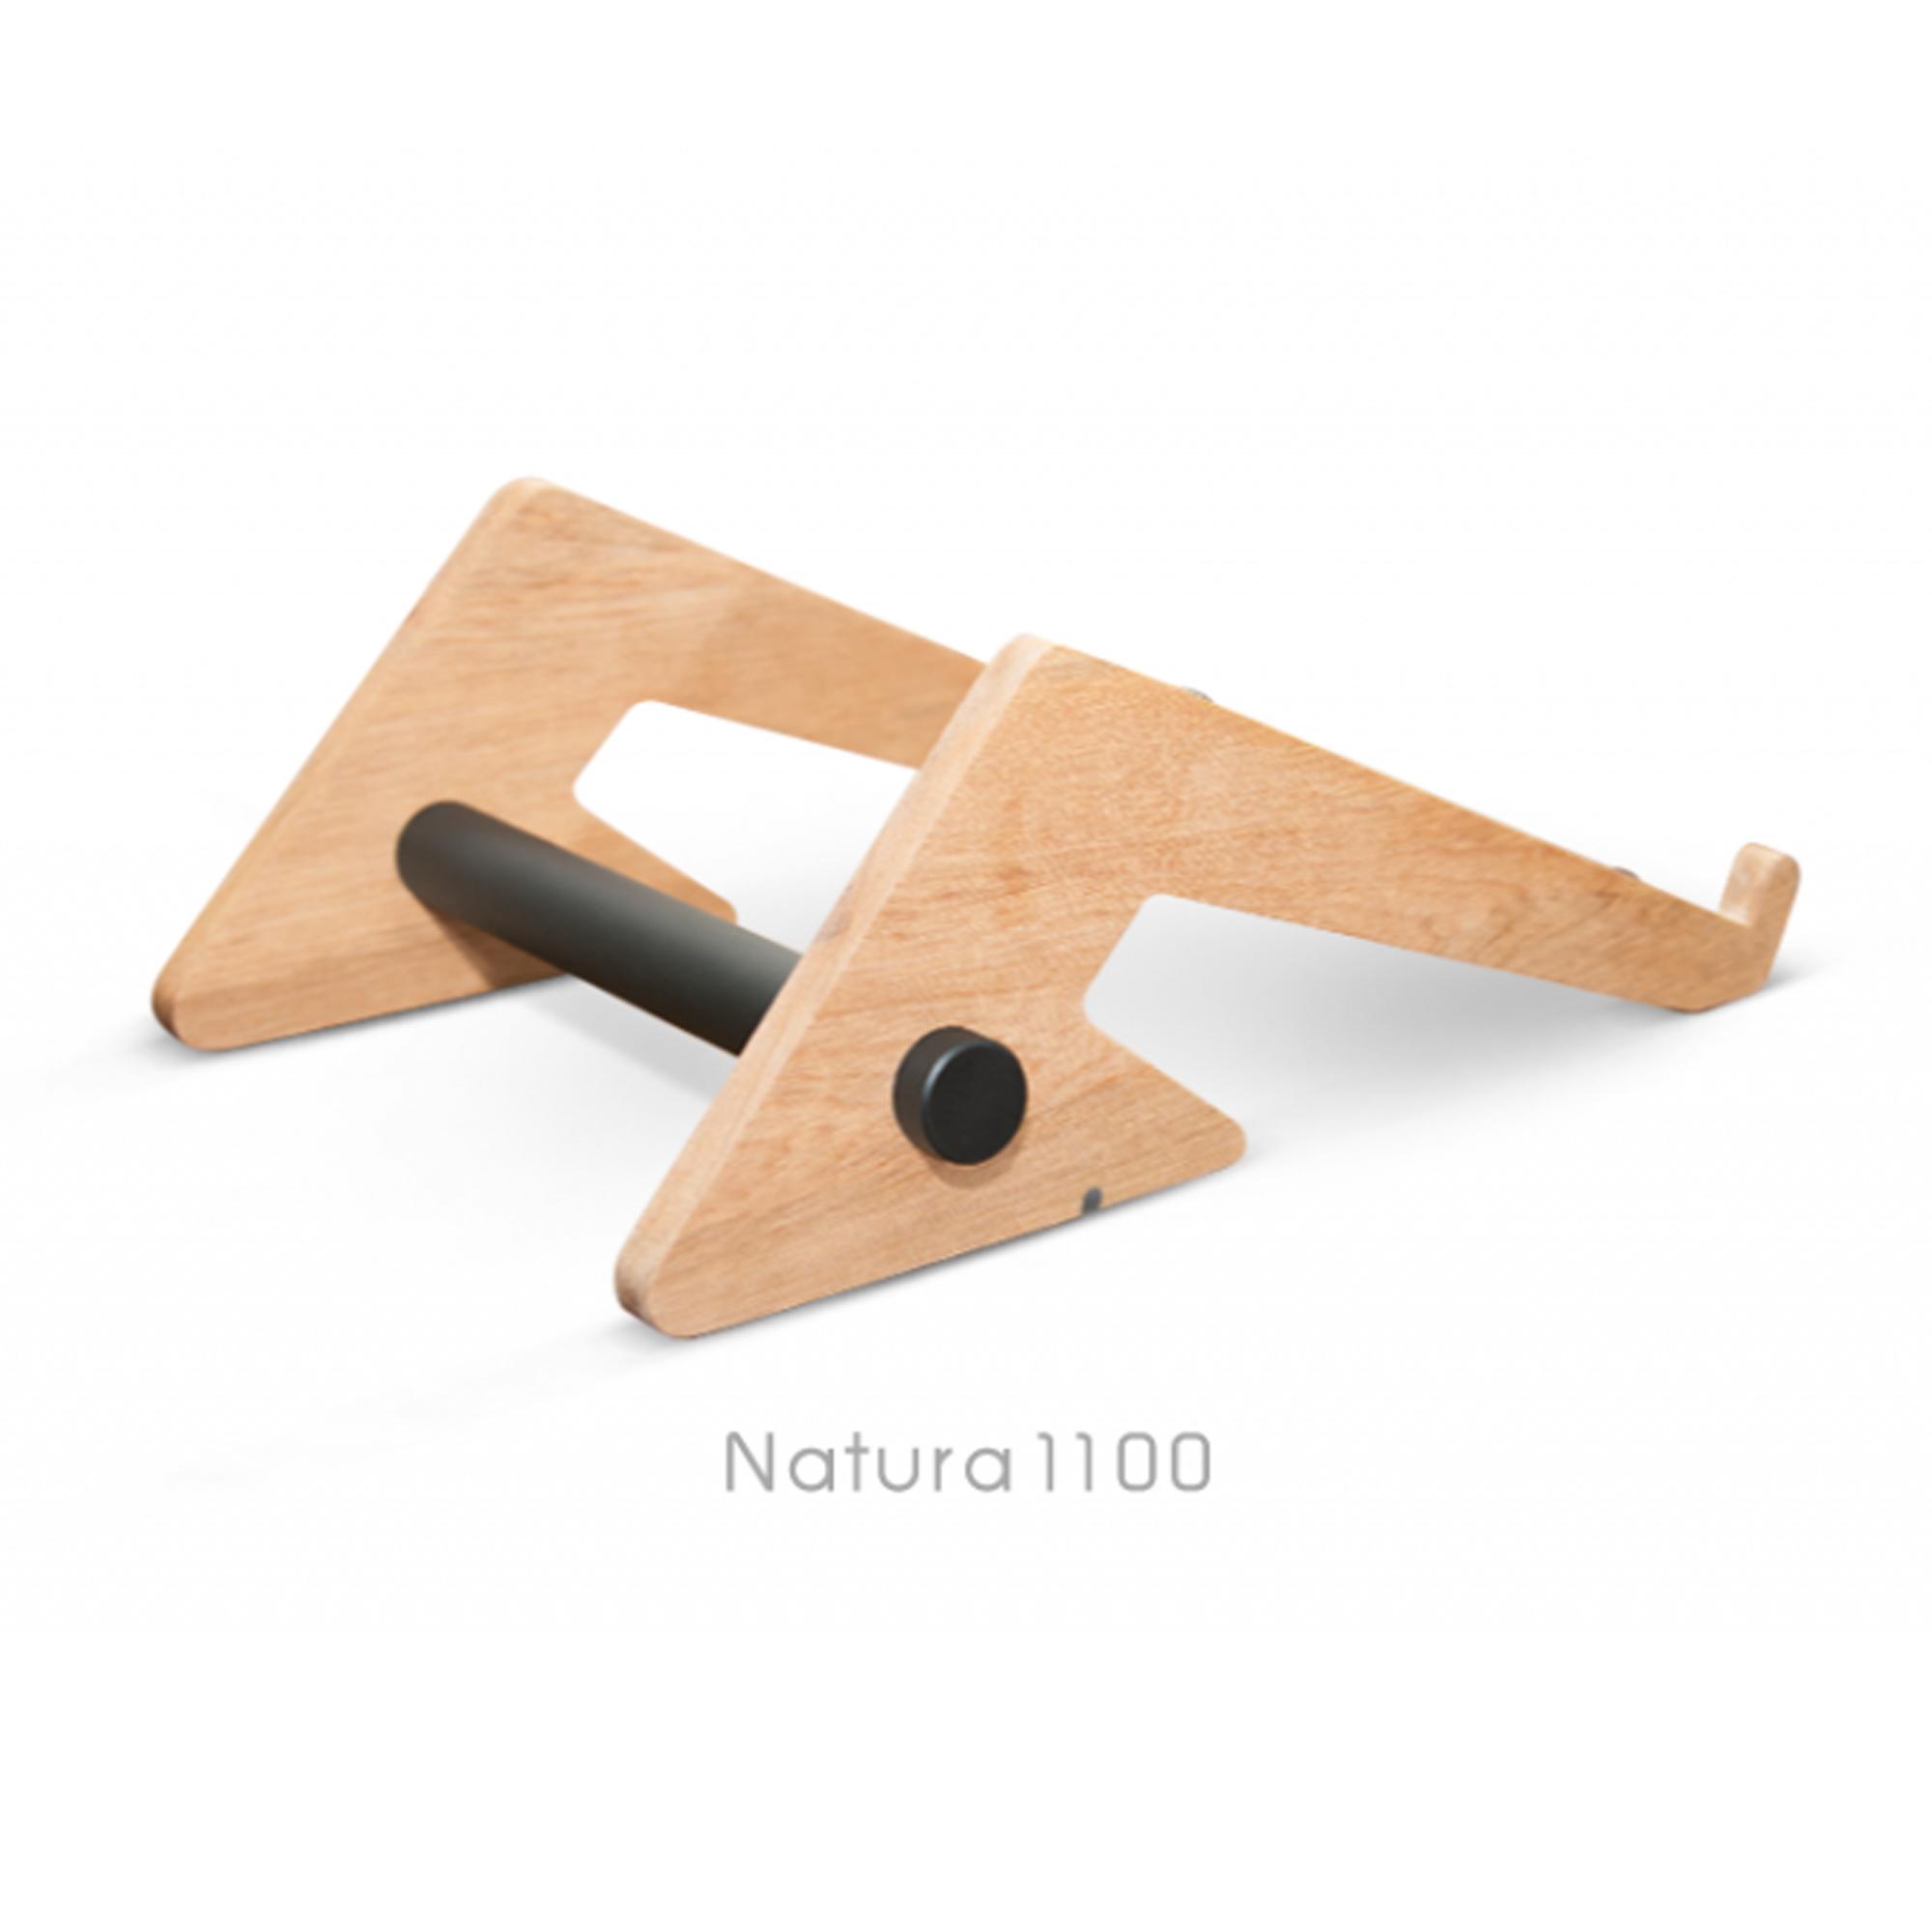 Natura 1100